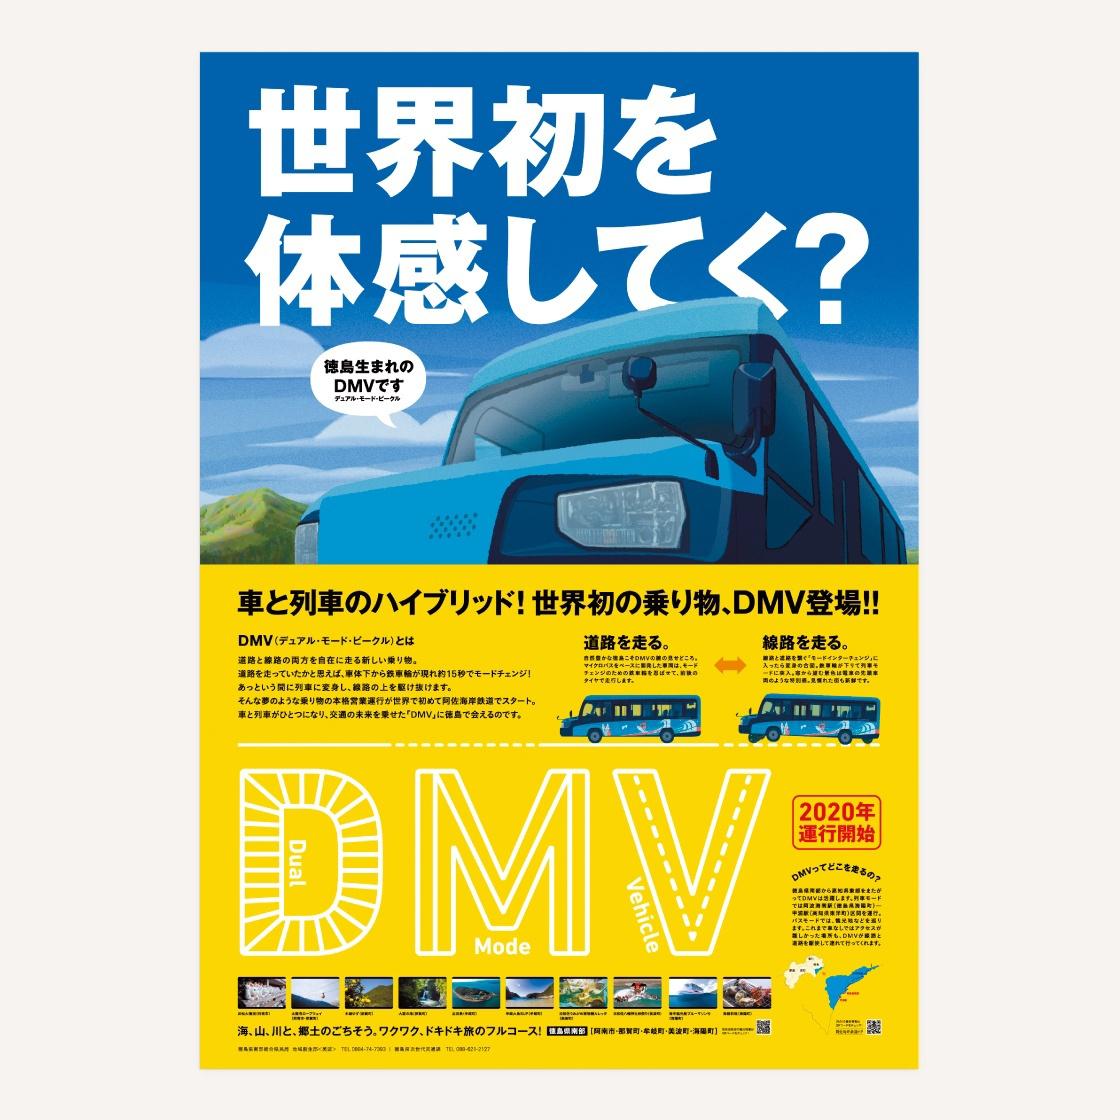 1120_1120_DMV_B1